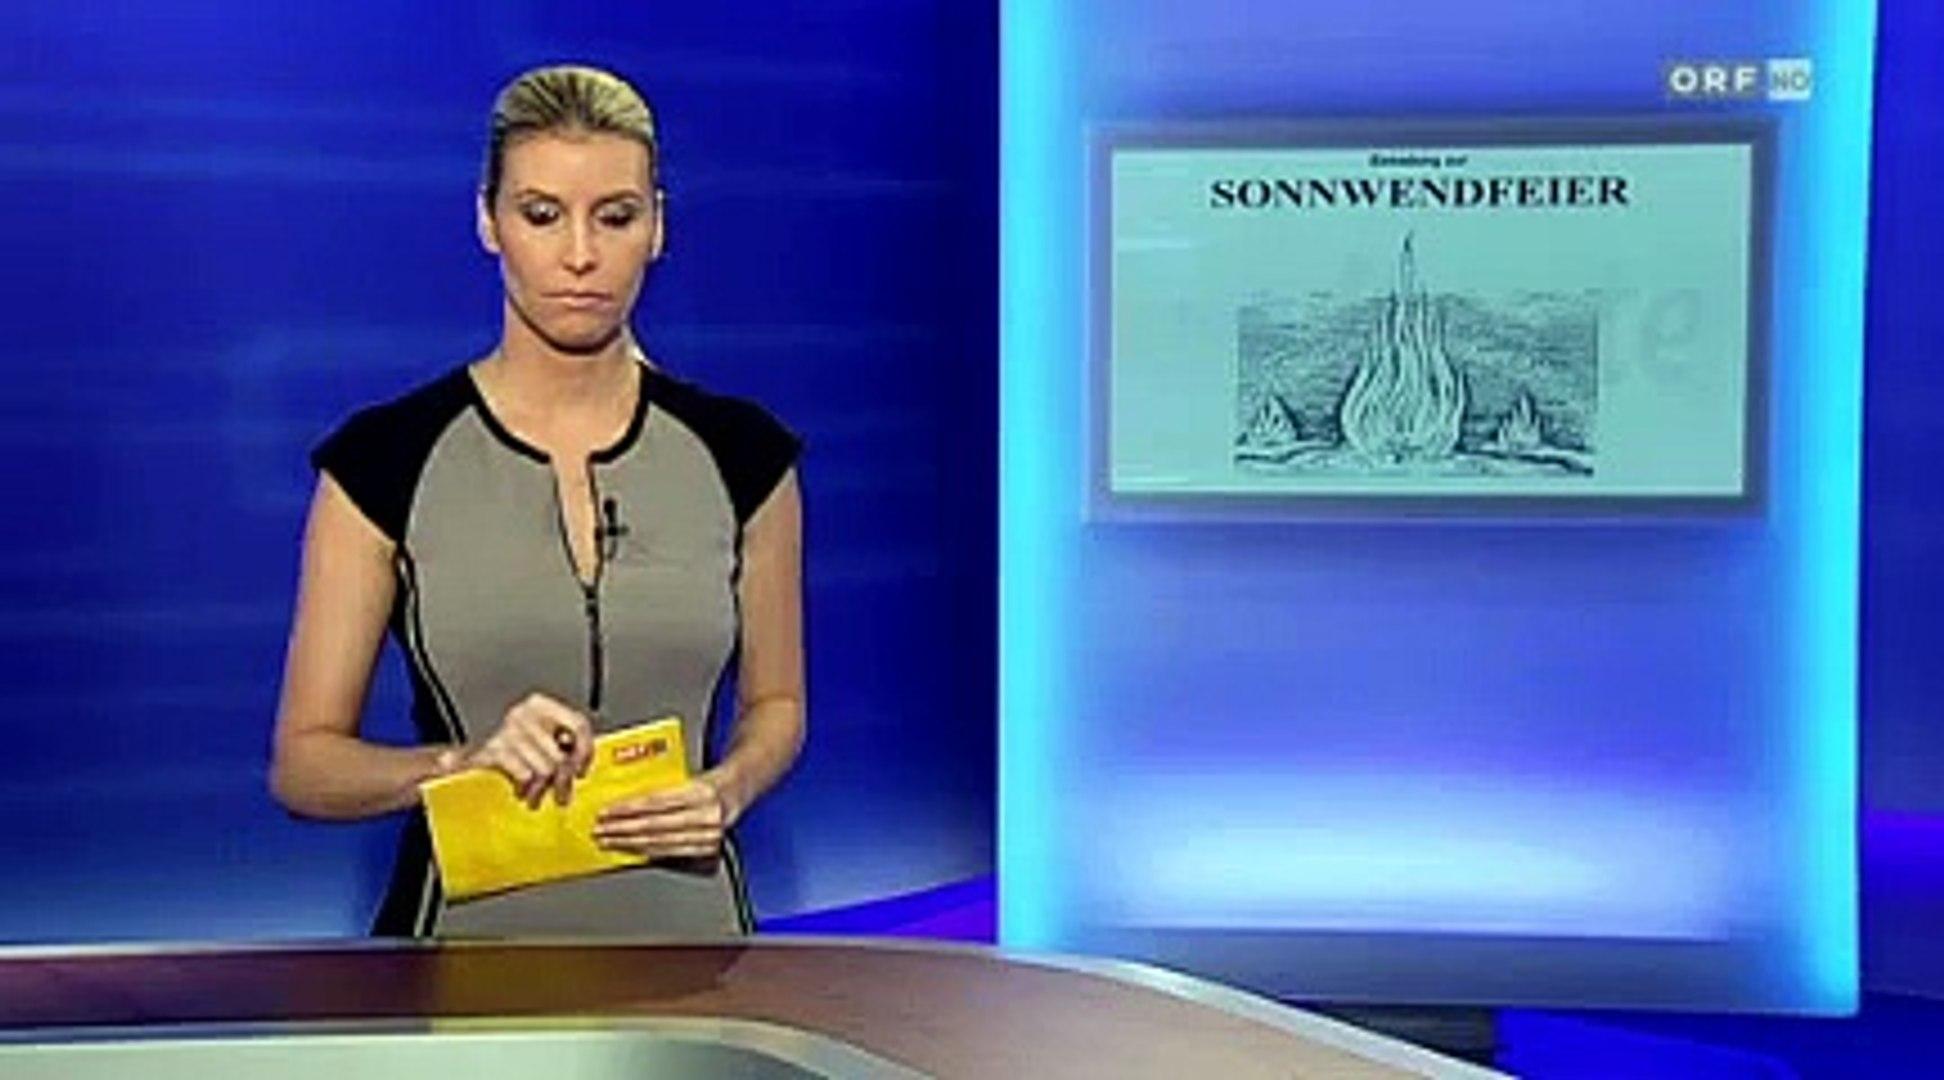 Barbara Rosenkranz (FPÖ) - Einladung mit Bild aus Nazibuch? - Niederösterreich heute 1.6.2011